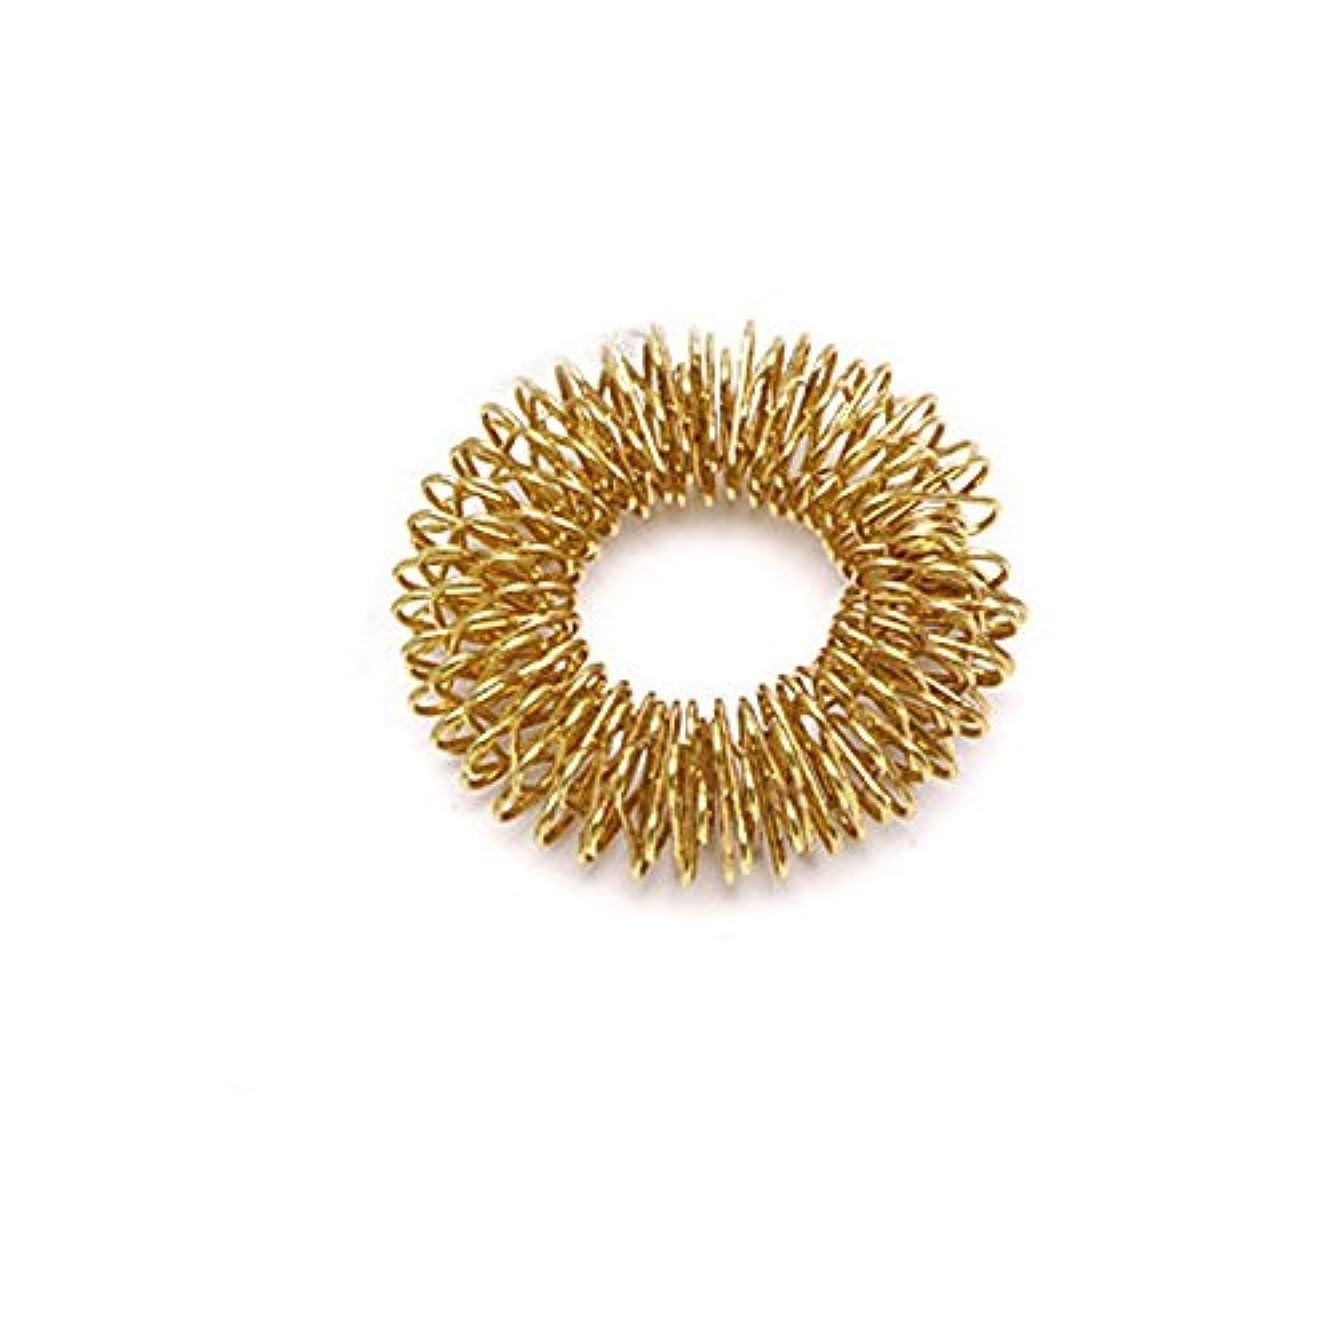 傾斜万歳医薬Manyao ボディフィンガーマッサージリング鍼灸リングヘルスケアゴールド/シルバーメッキクール (ゴールド)